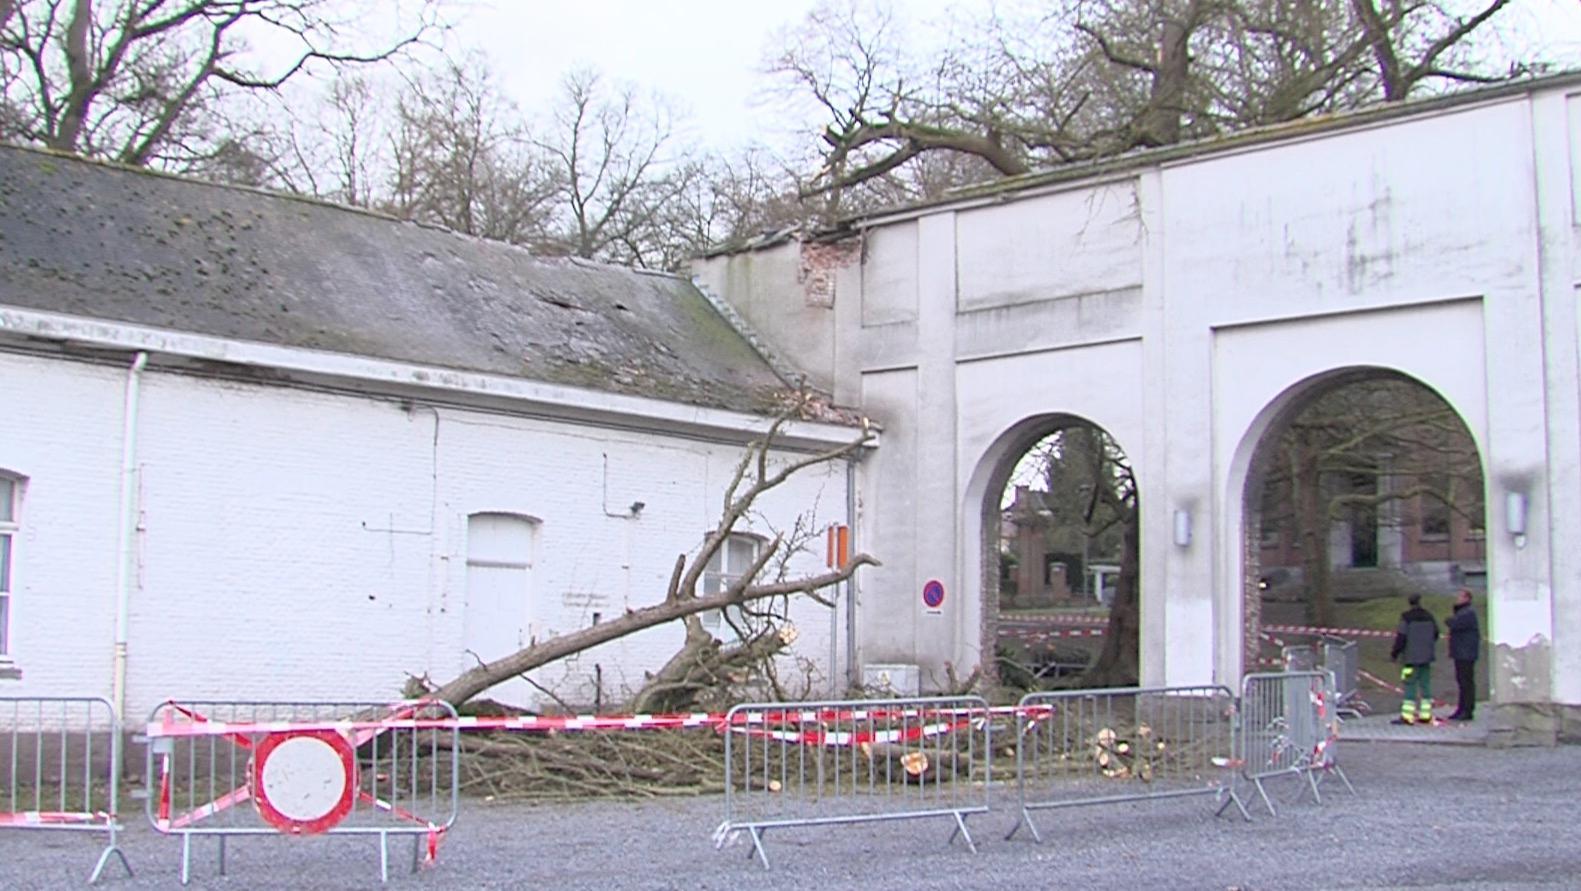 Un arbre brisé par le vent abîme les arcades de l'hôtel de ville de Tournai